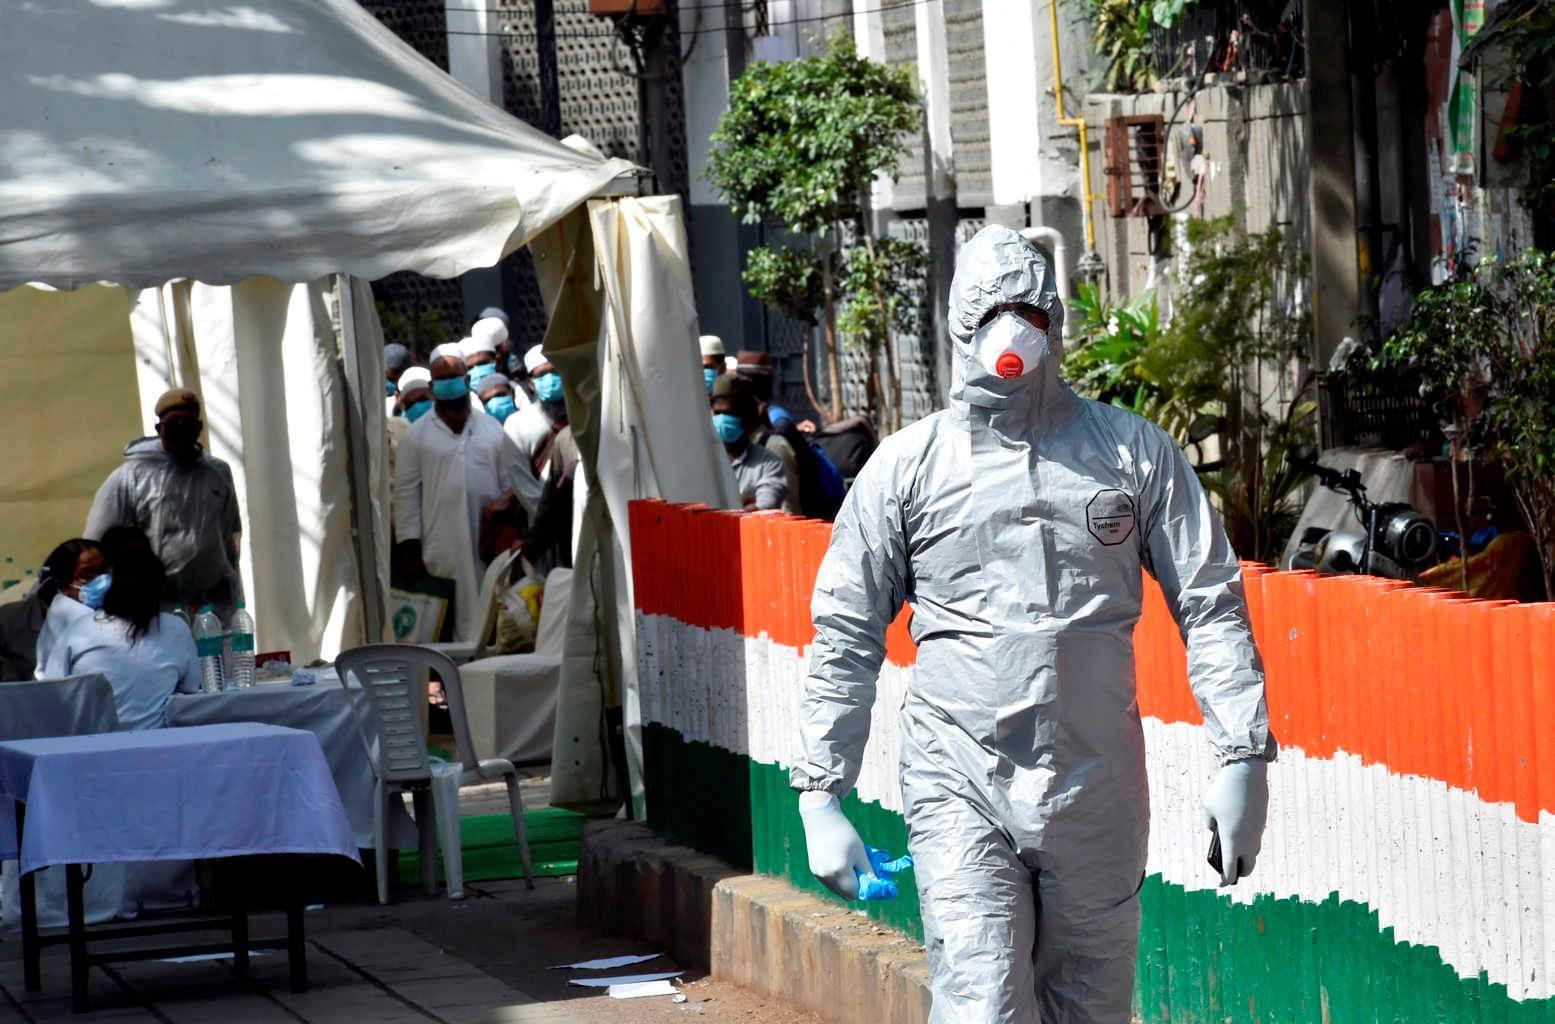 الهند: ارتفاع الإصابات المؤكدة بفيروس كورونا إلى 648315 حالة